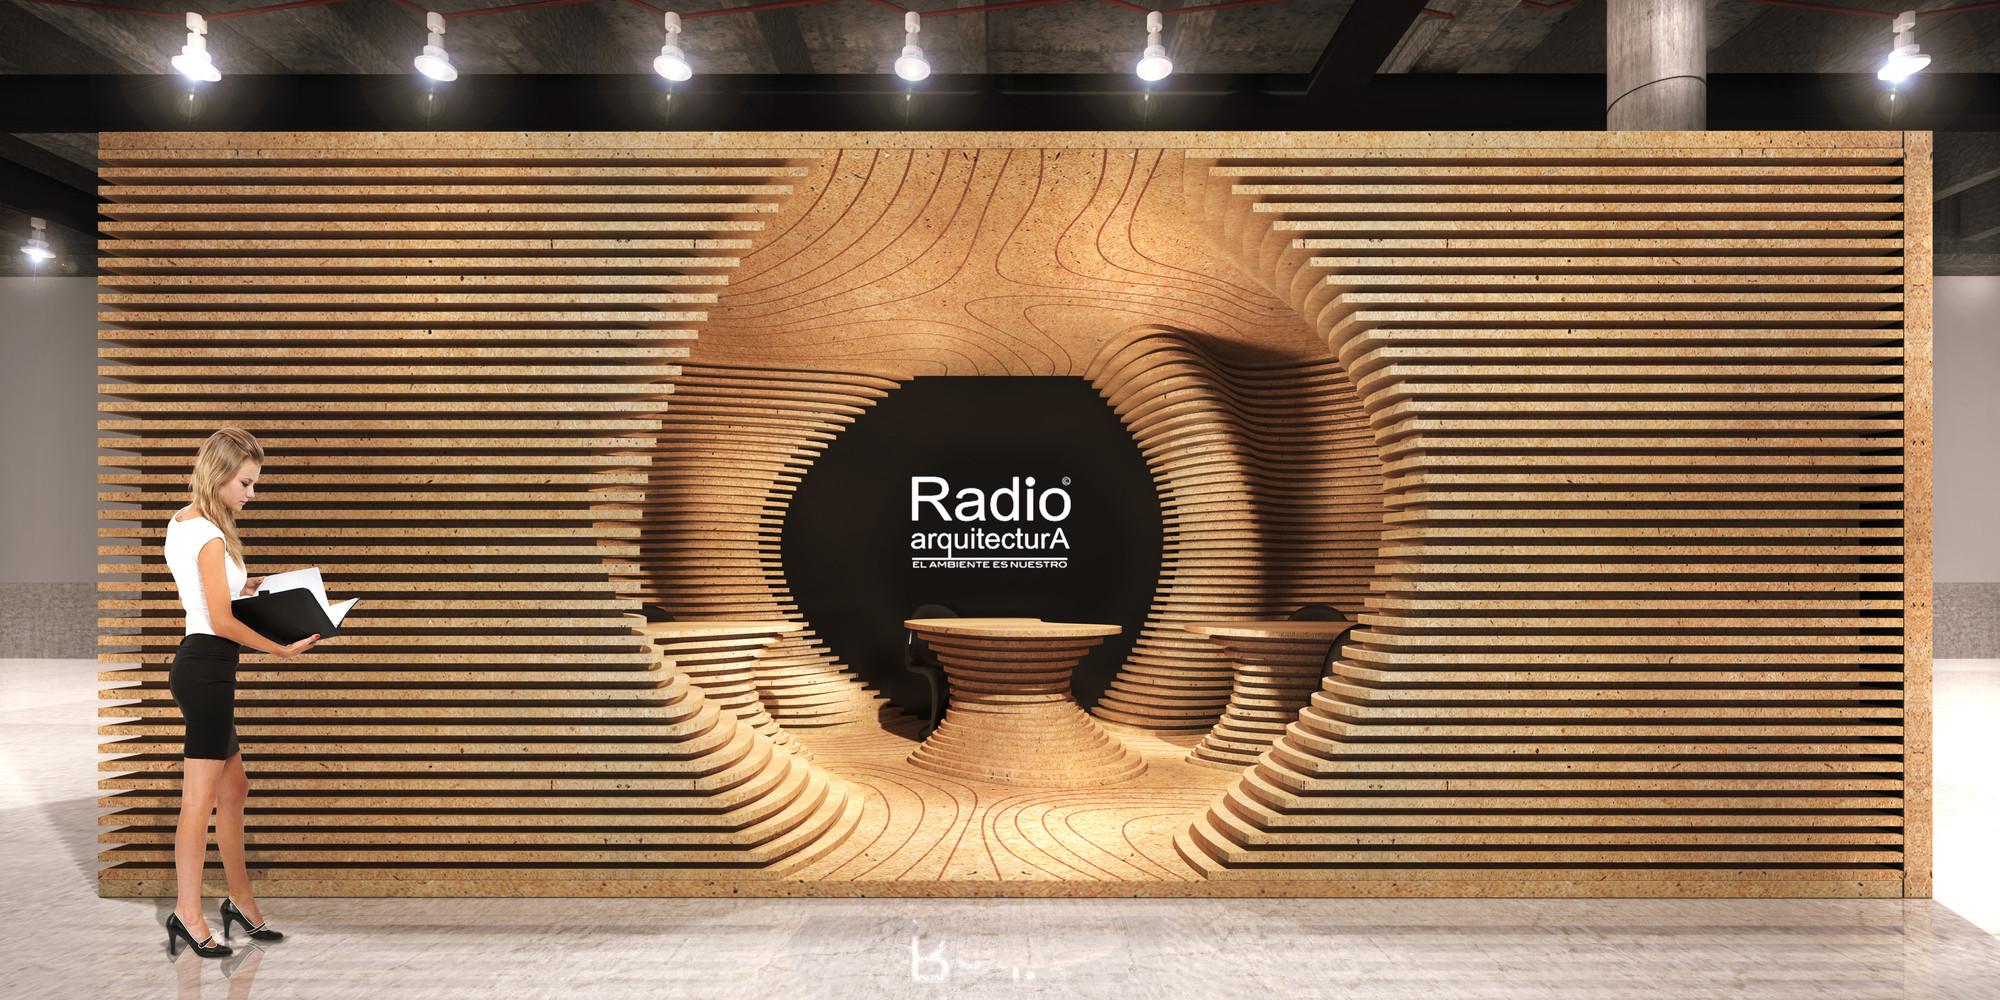 Ganador del concurso Ondas Modeladoras por Radio Arquitectura / Juan José Barrios, Vista Frontal